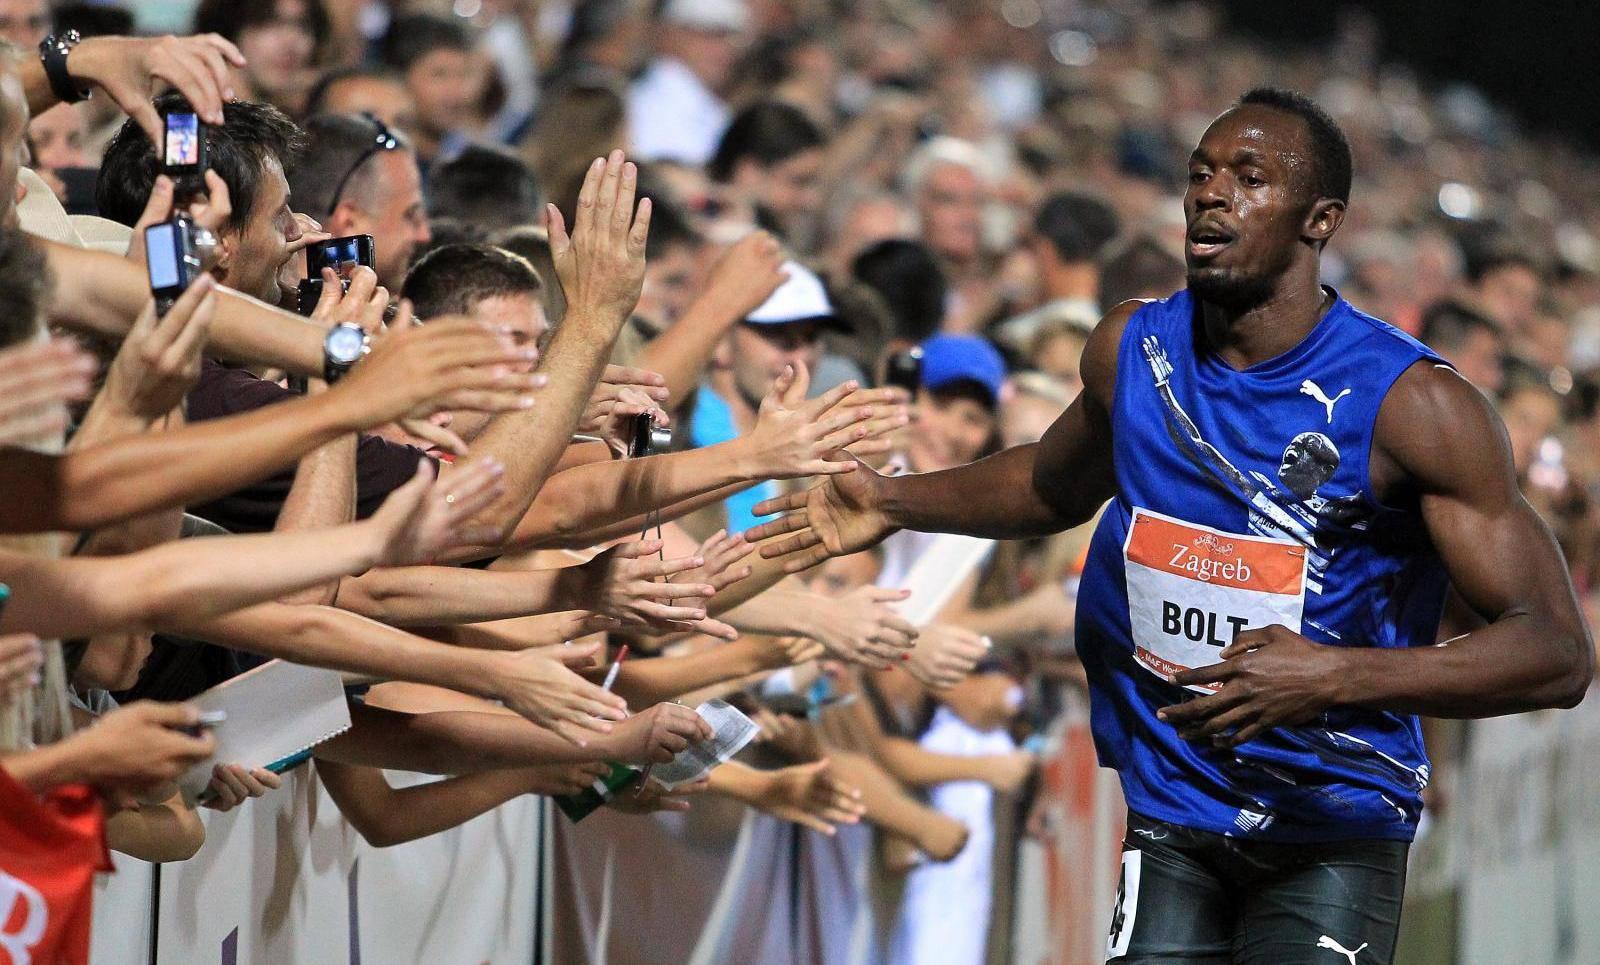 Bolt objavio prvu fotografiju kćeri i otkrio kako ju je nazvao: Ovo je Olympia Lightning Bolt